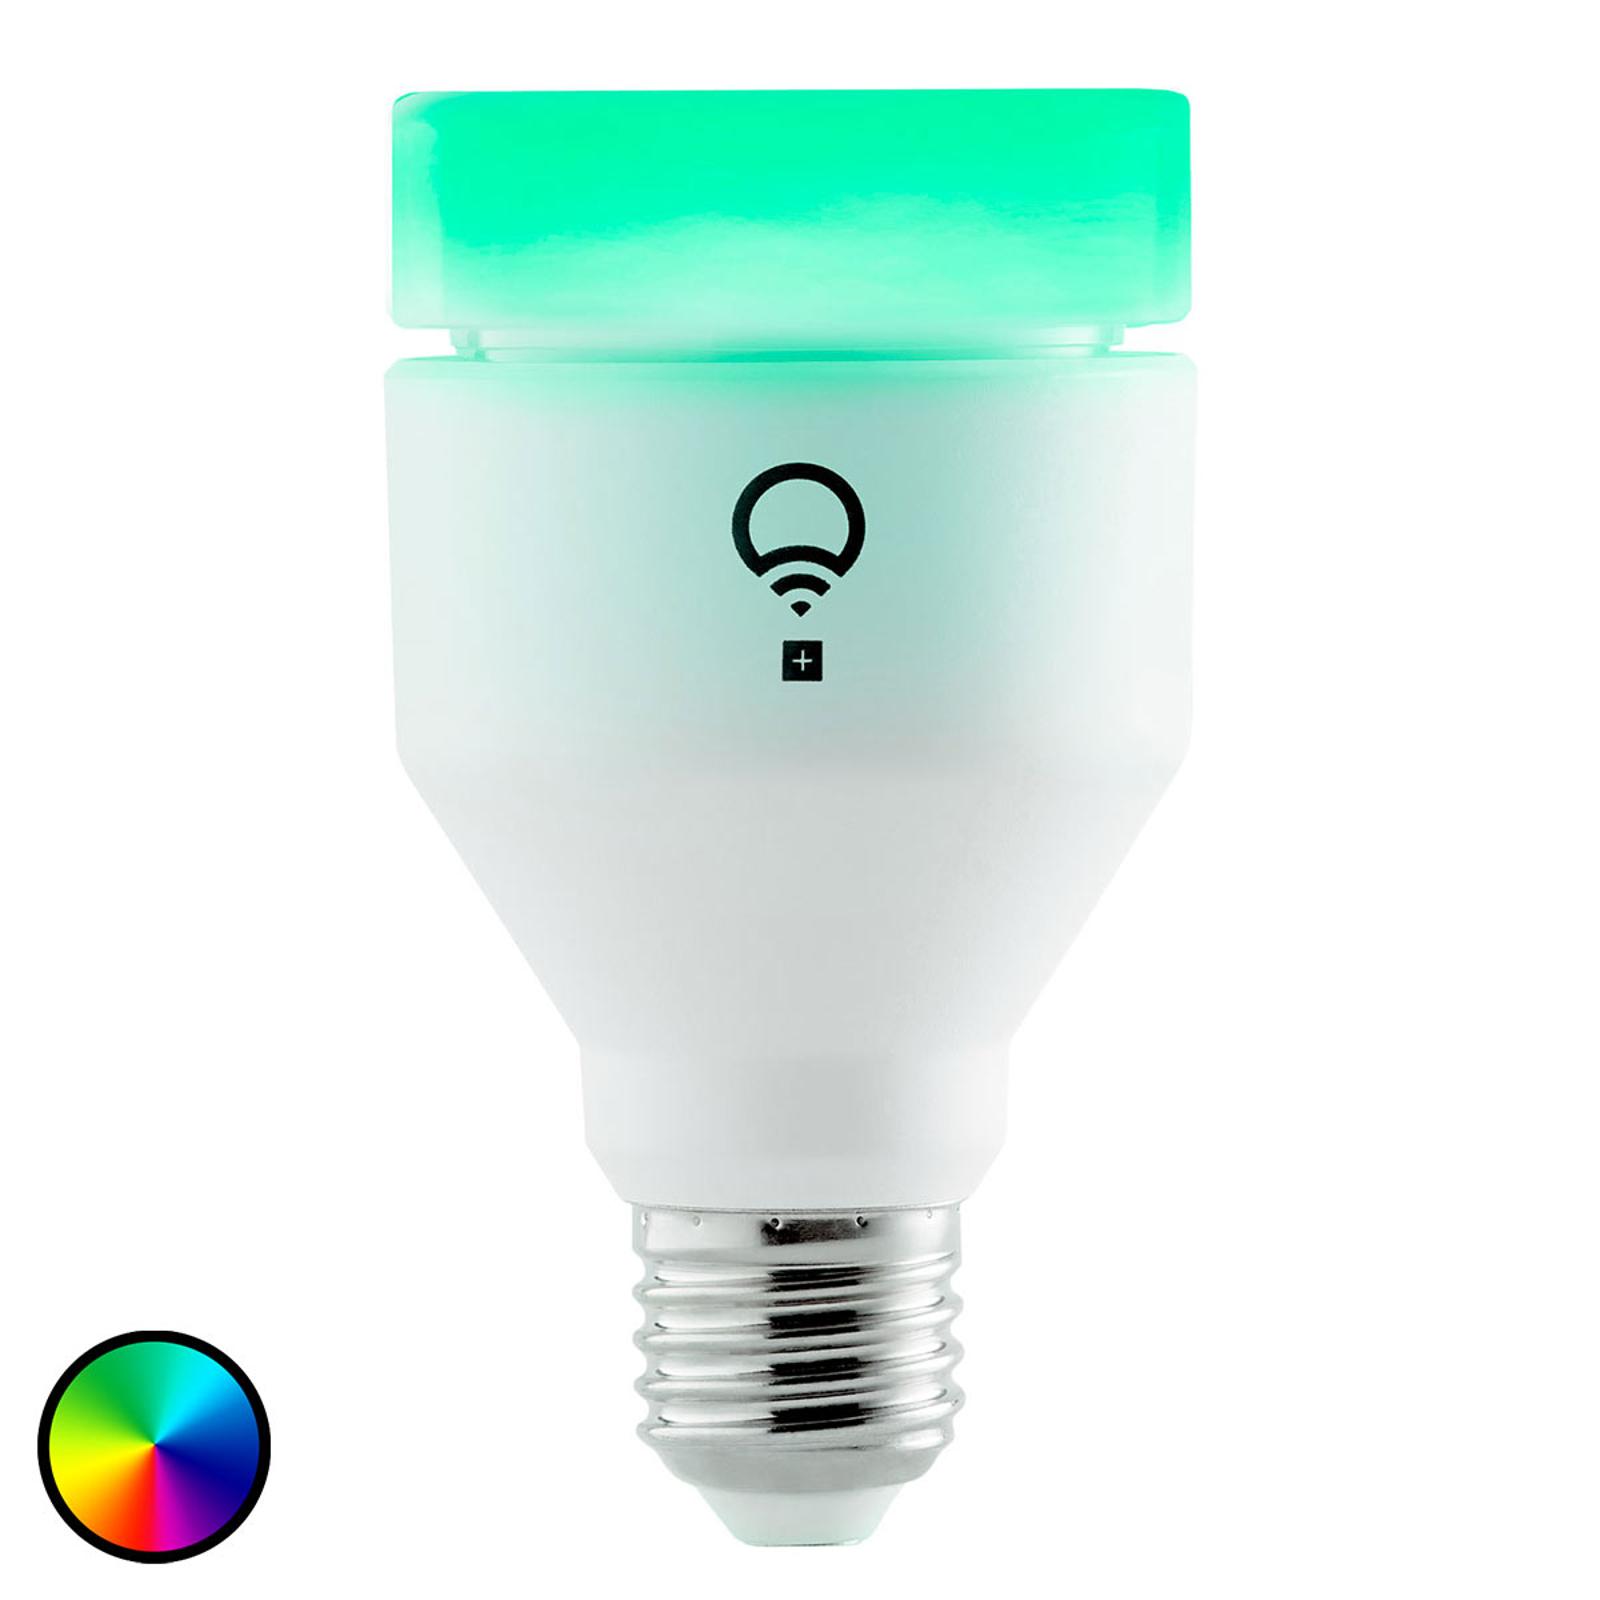 LIFX+ bombilla LED E27 11W luz infrarroja, WiFi